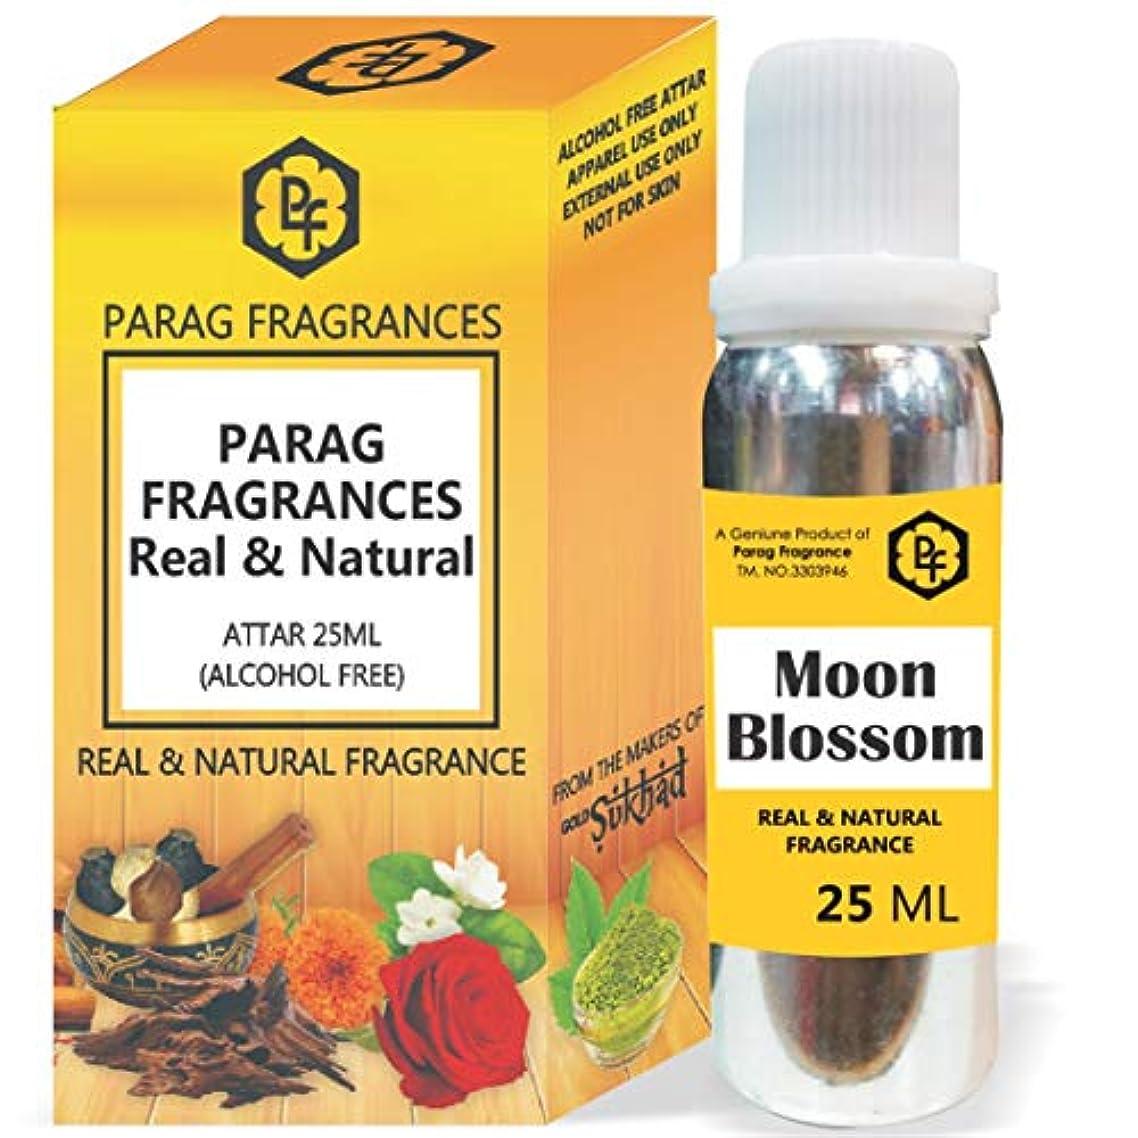 誤解を招く省略するタヒチファンシー空き瓶でParagフレグランス25ミリリットル月ブロッサムアター(長持ちアルコールフリー、ナチュラルアター)50/100/200/500パックでも利用可能